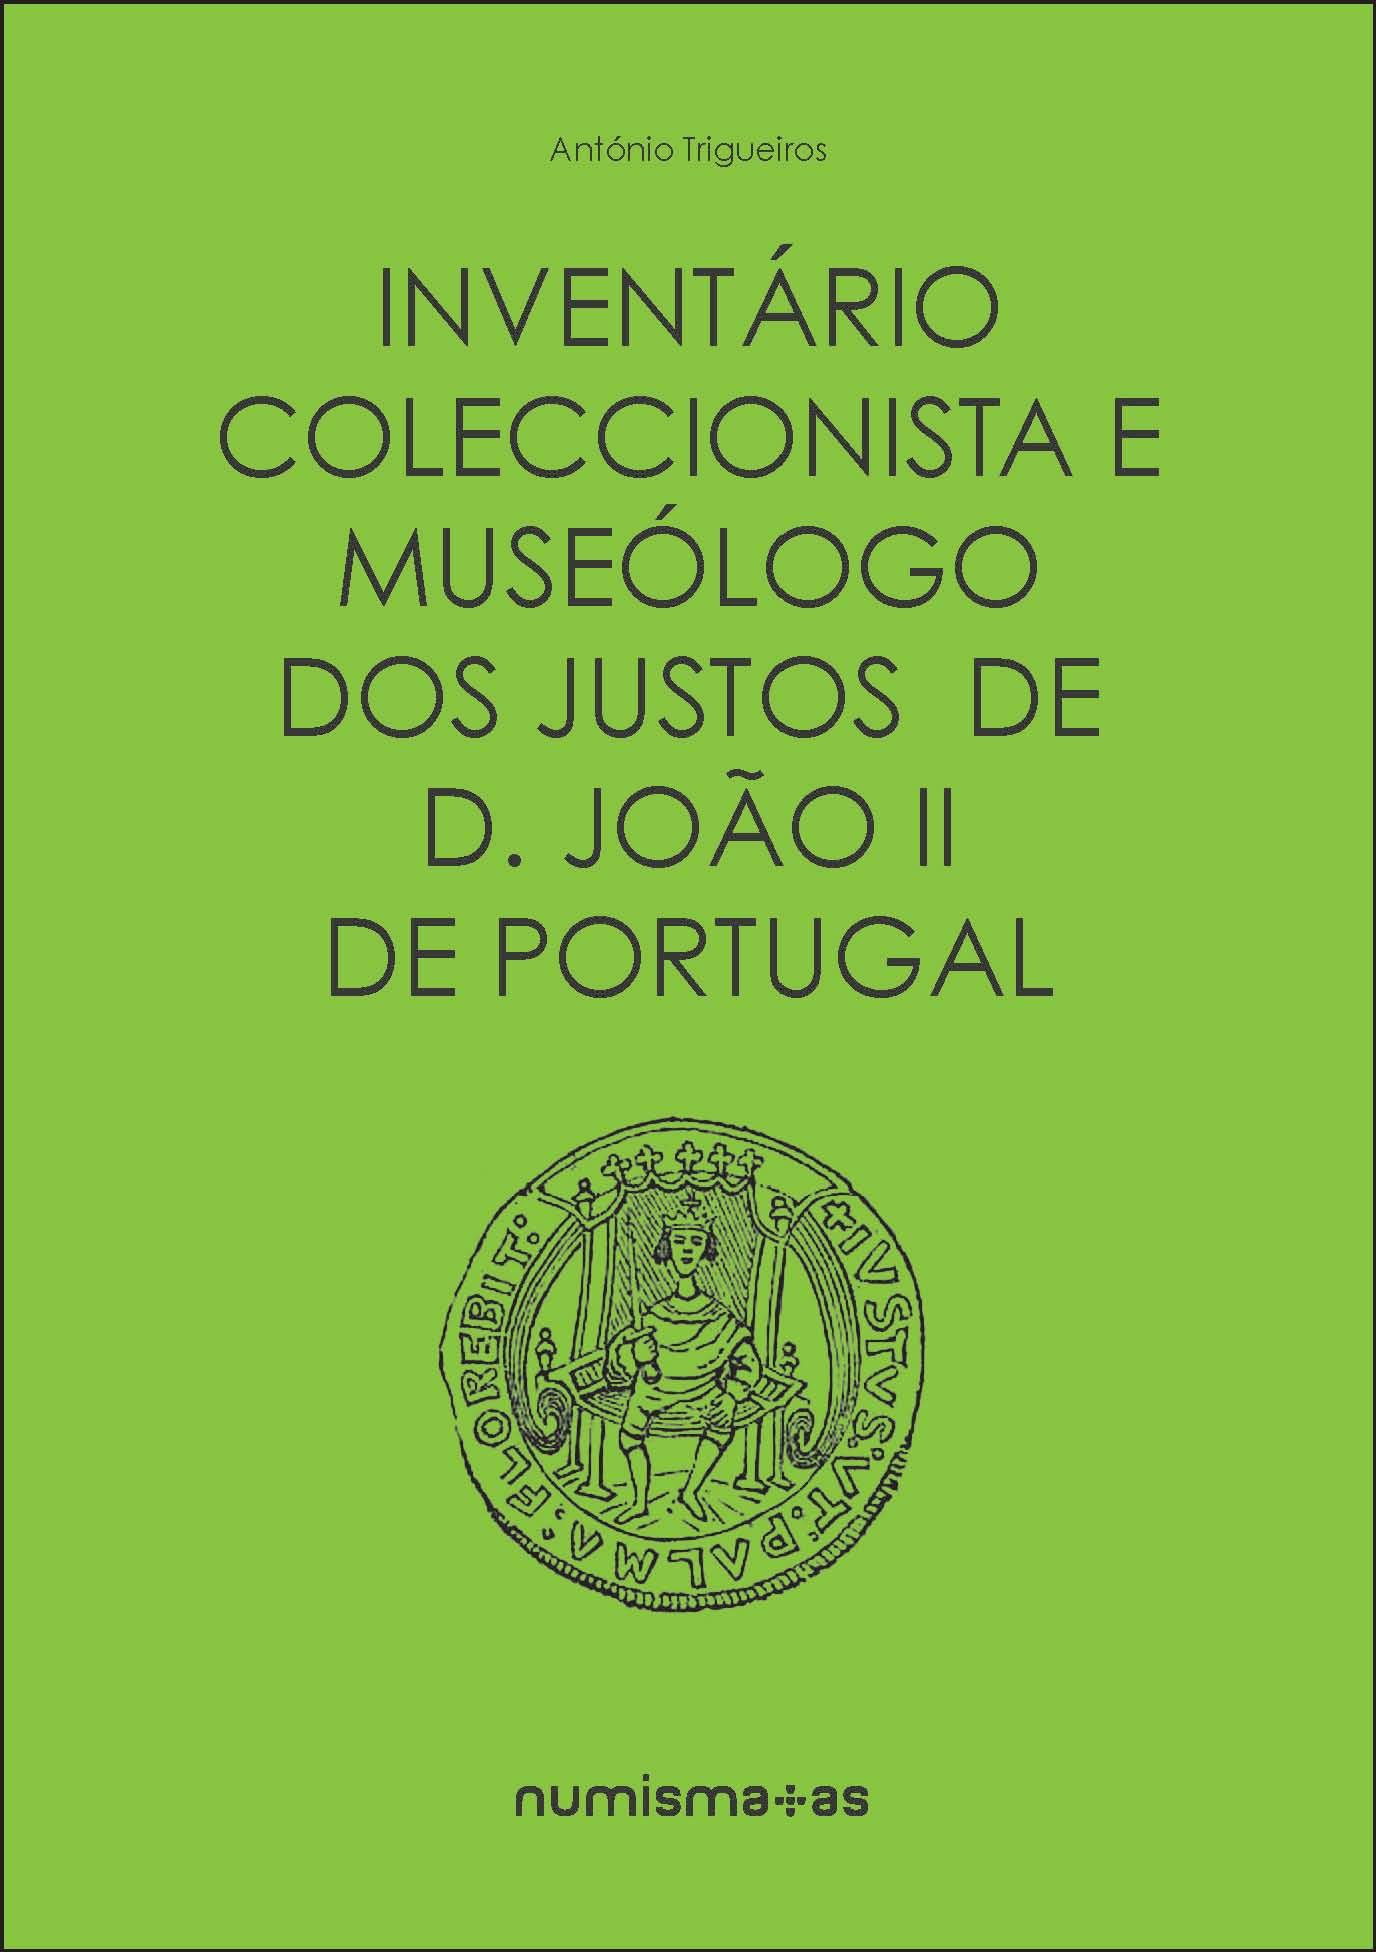 Inventario dos Justos de D. Joao II